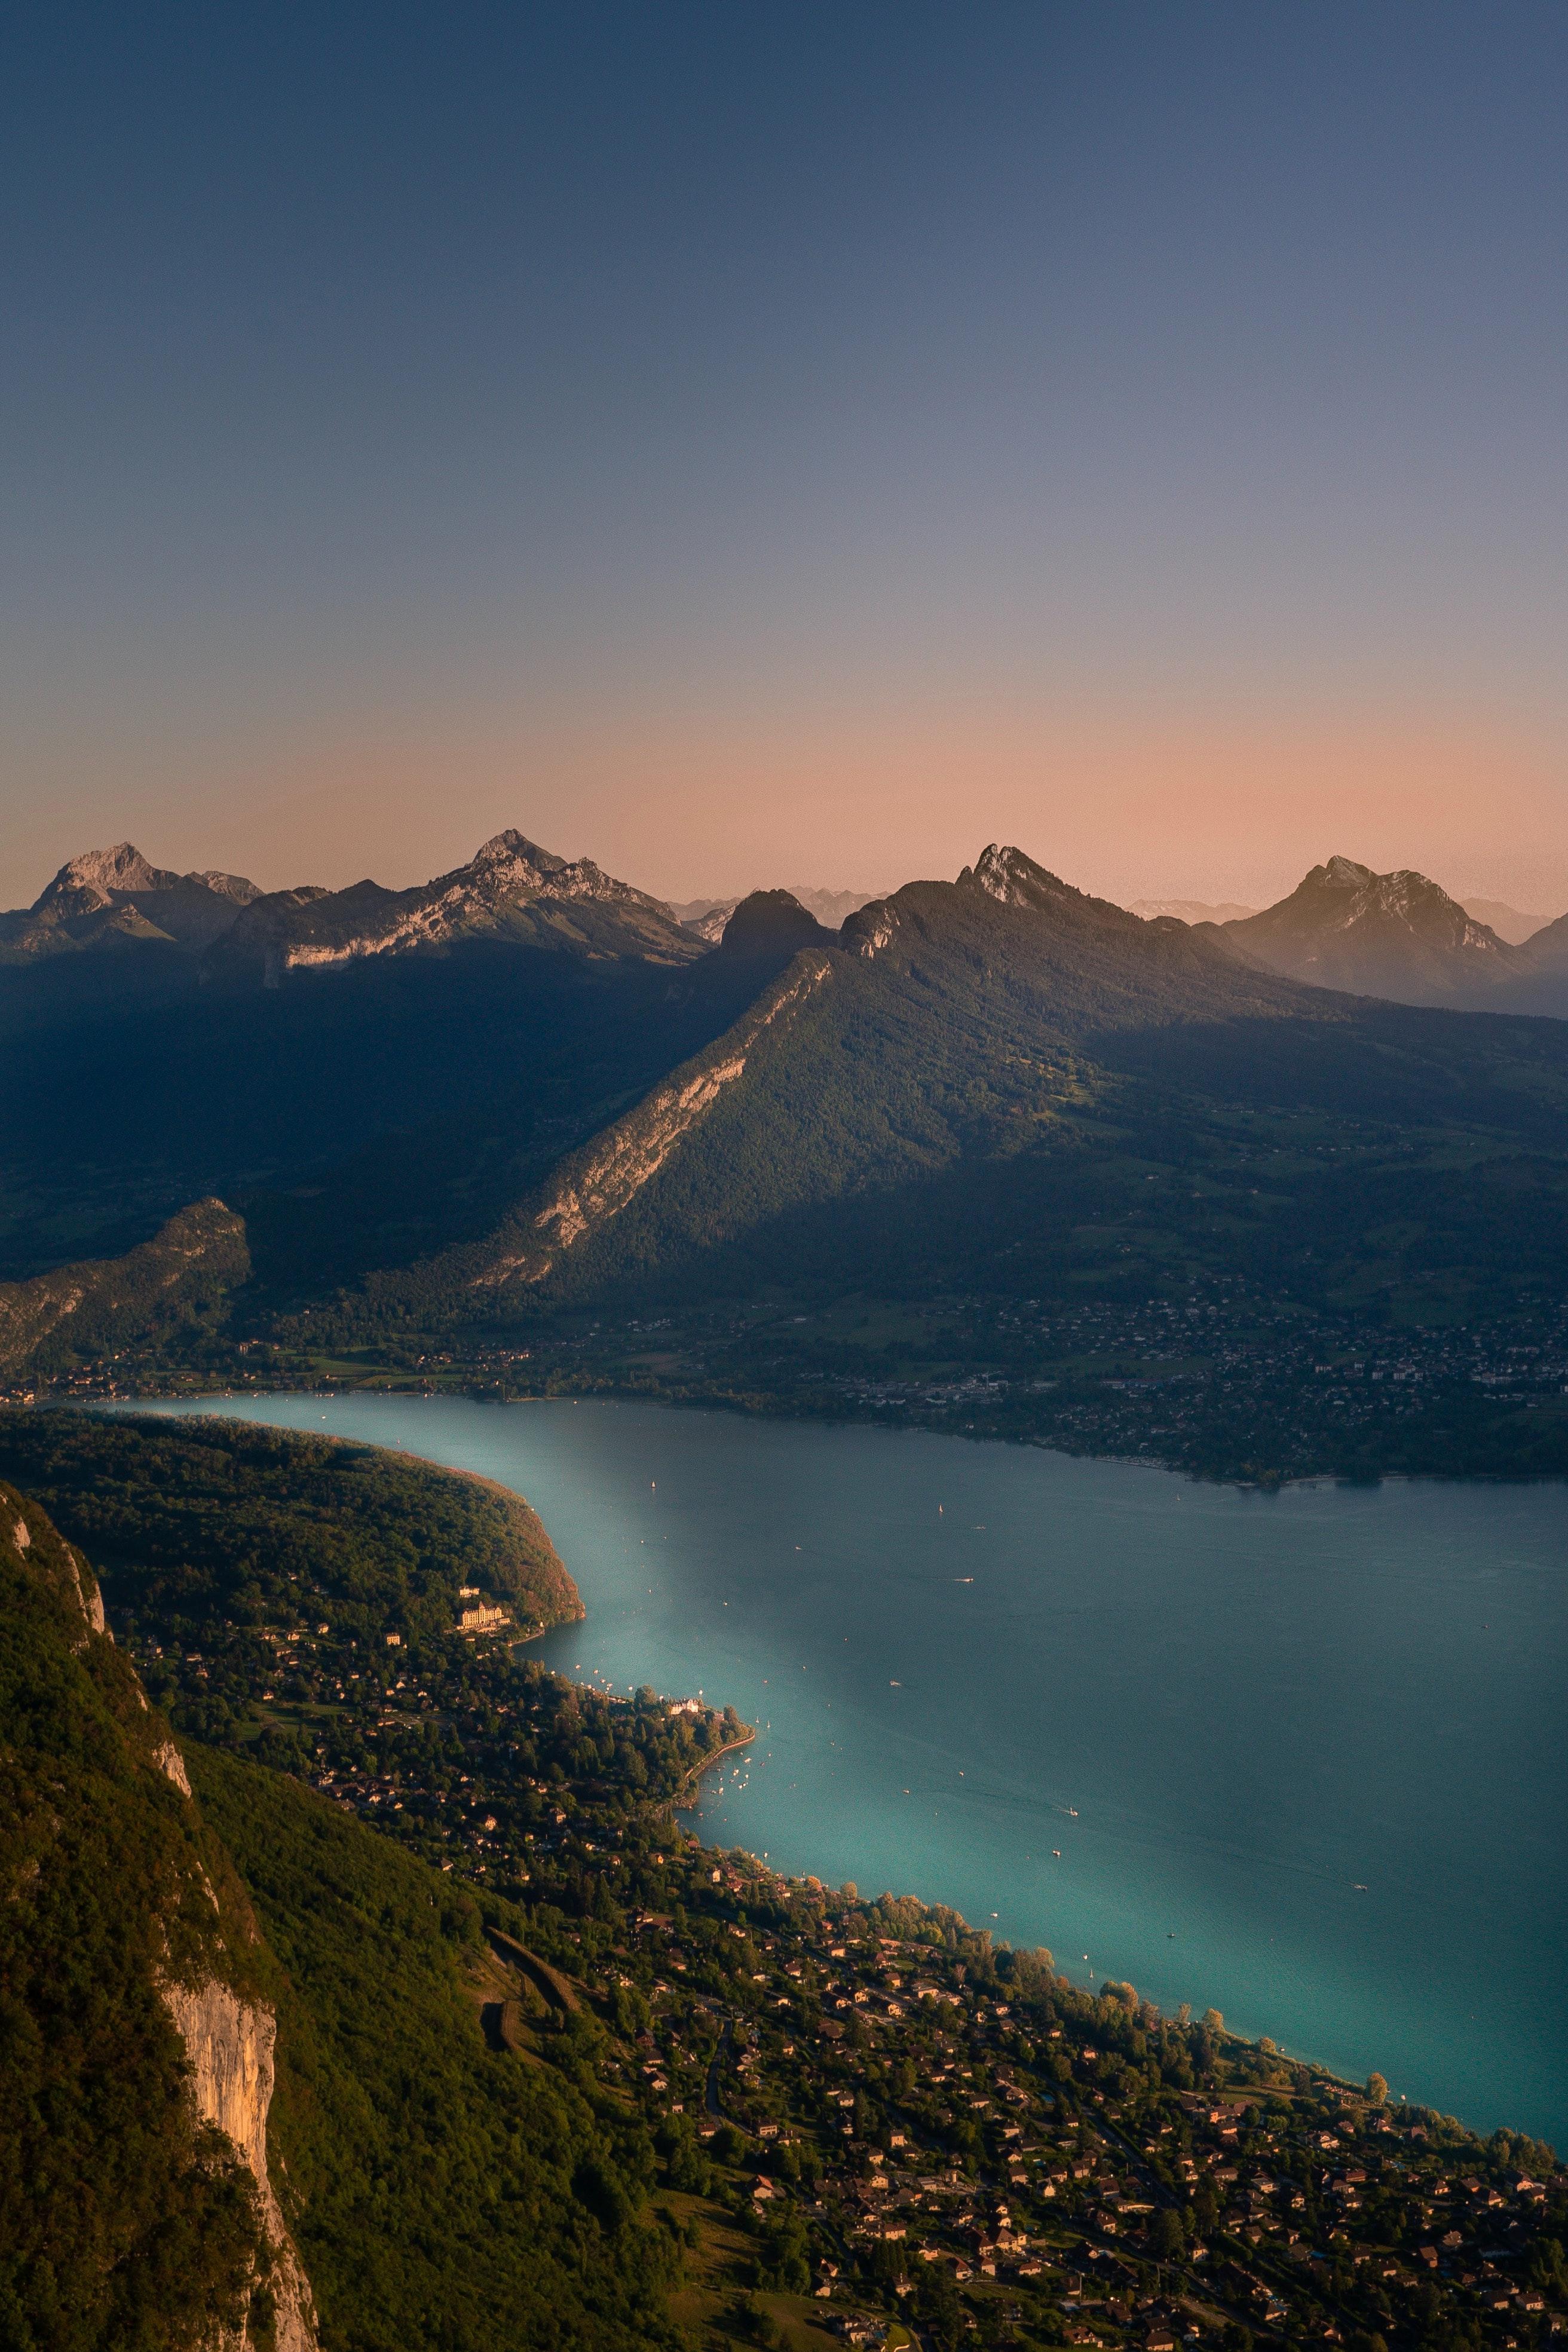 151851 Заставки и Обои Озеро на телефон. Скачать Озеро, Горы, Пейзаж, Природа, Вид Сверху картинки бесплатно